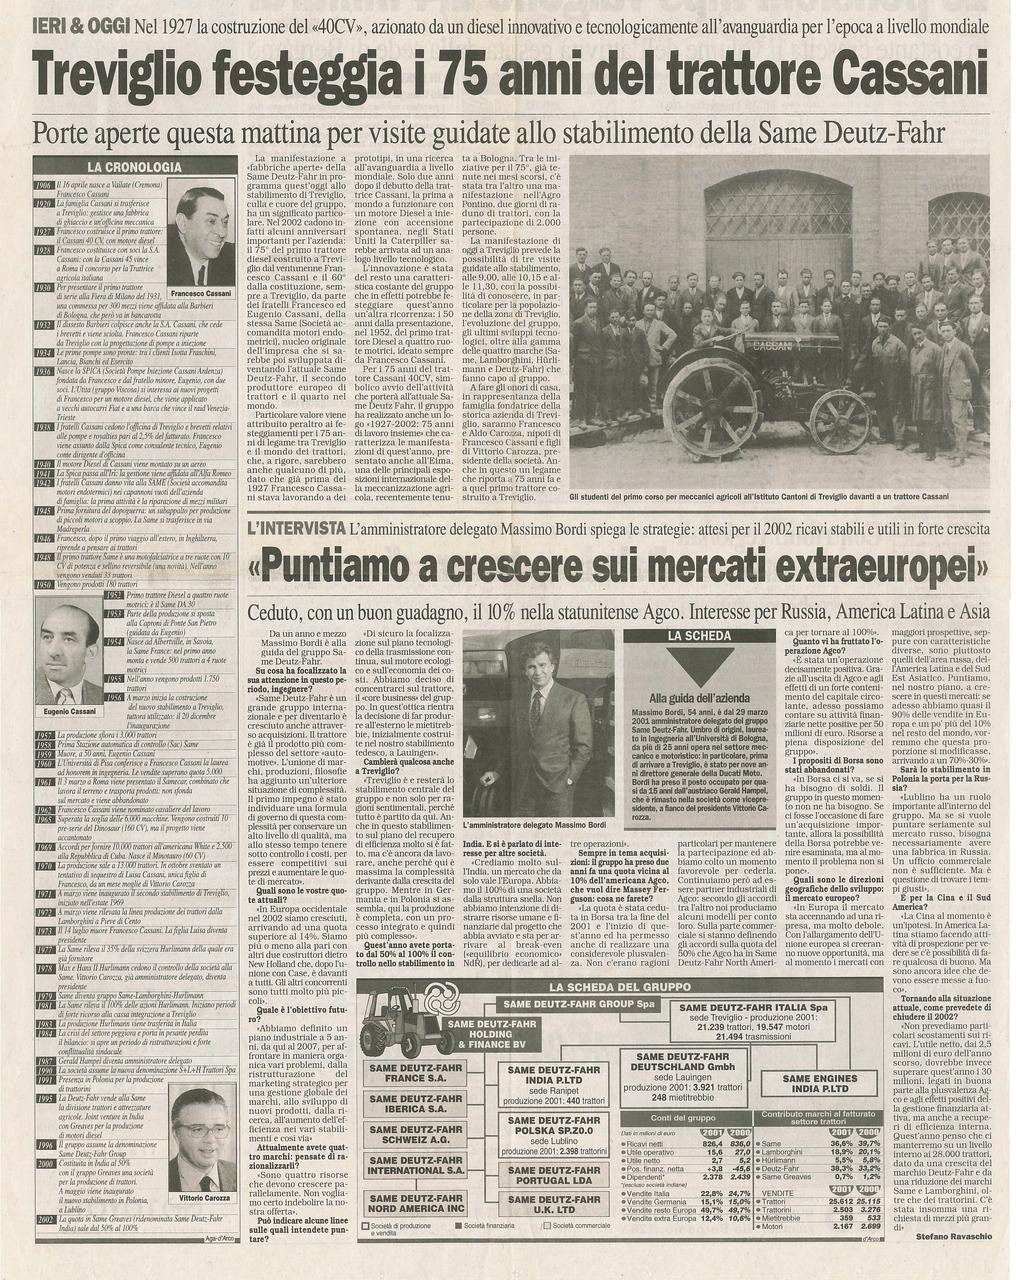 Treviglio festeggia i 75 anni del trattore Cassani